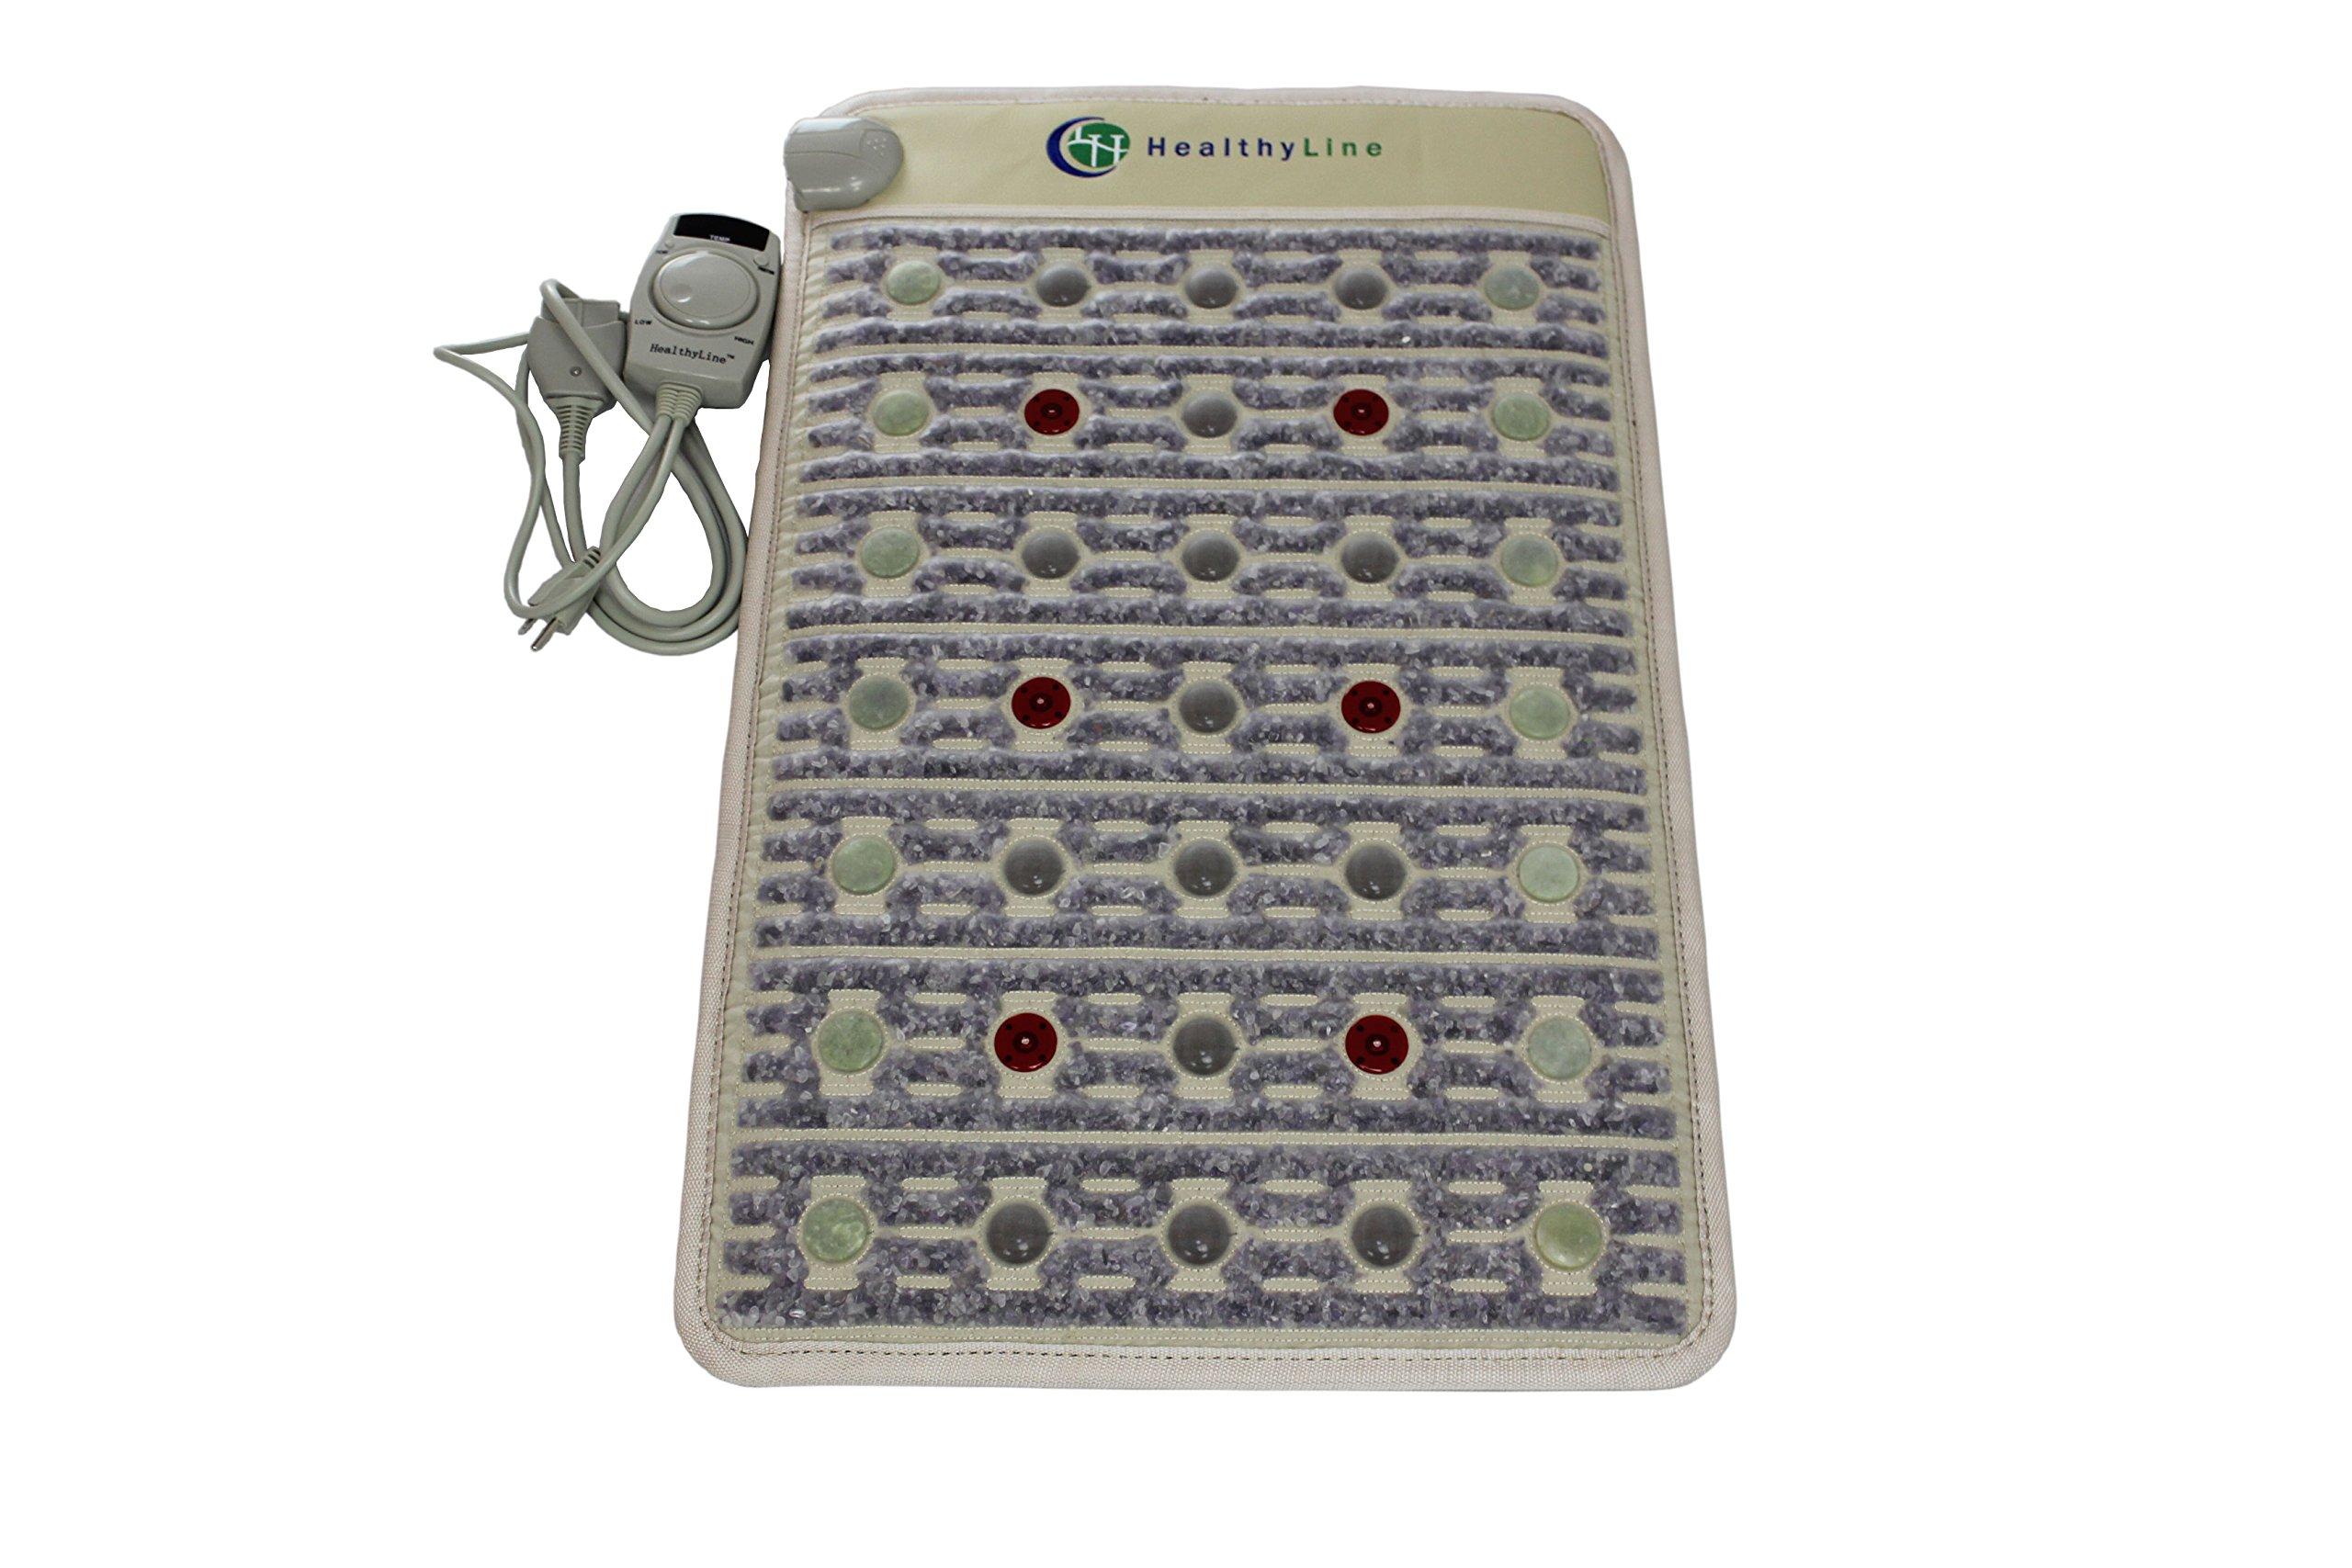 HealthyLine Far Infrared Heating Mat (Firm)|PEMF 7.83Hz TAJ, Natural Amethyst, Jade & Tourmaline, Photon Light Heat Mat 32'' x 20'' | Relieve Pain, Sore Muscles, Arthritis | FDA Registered